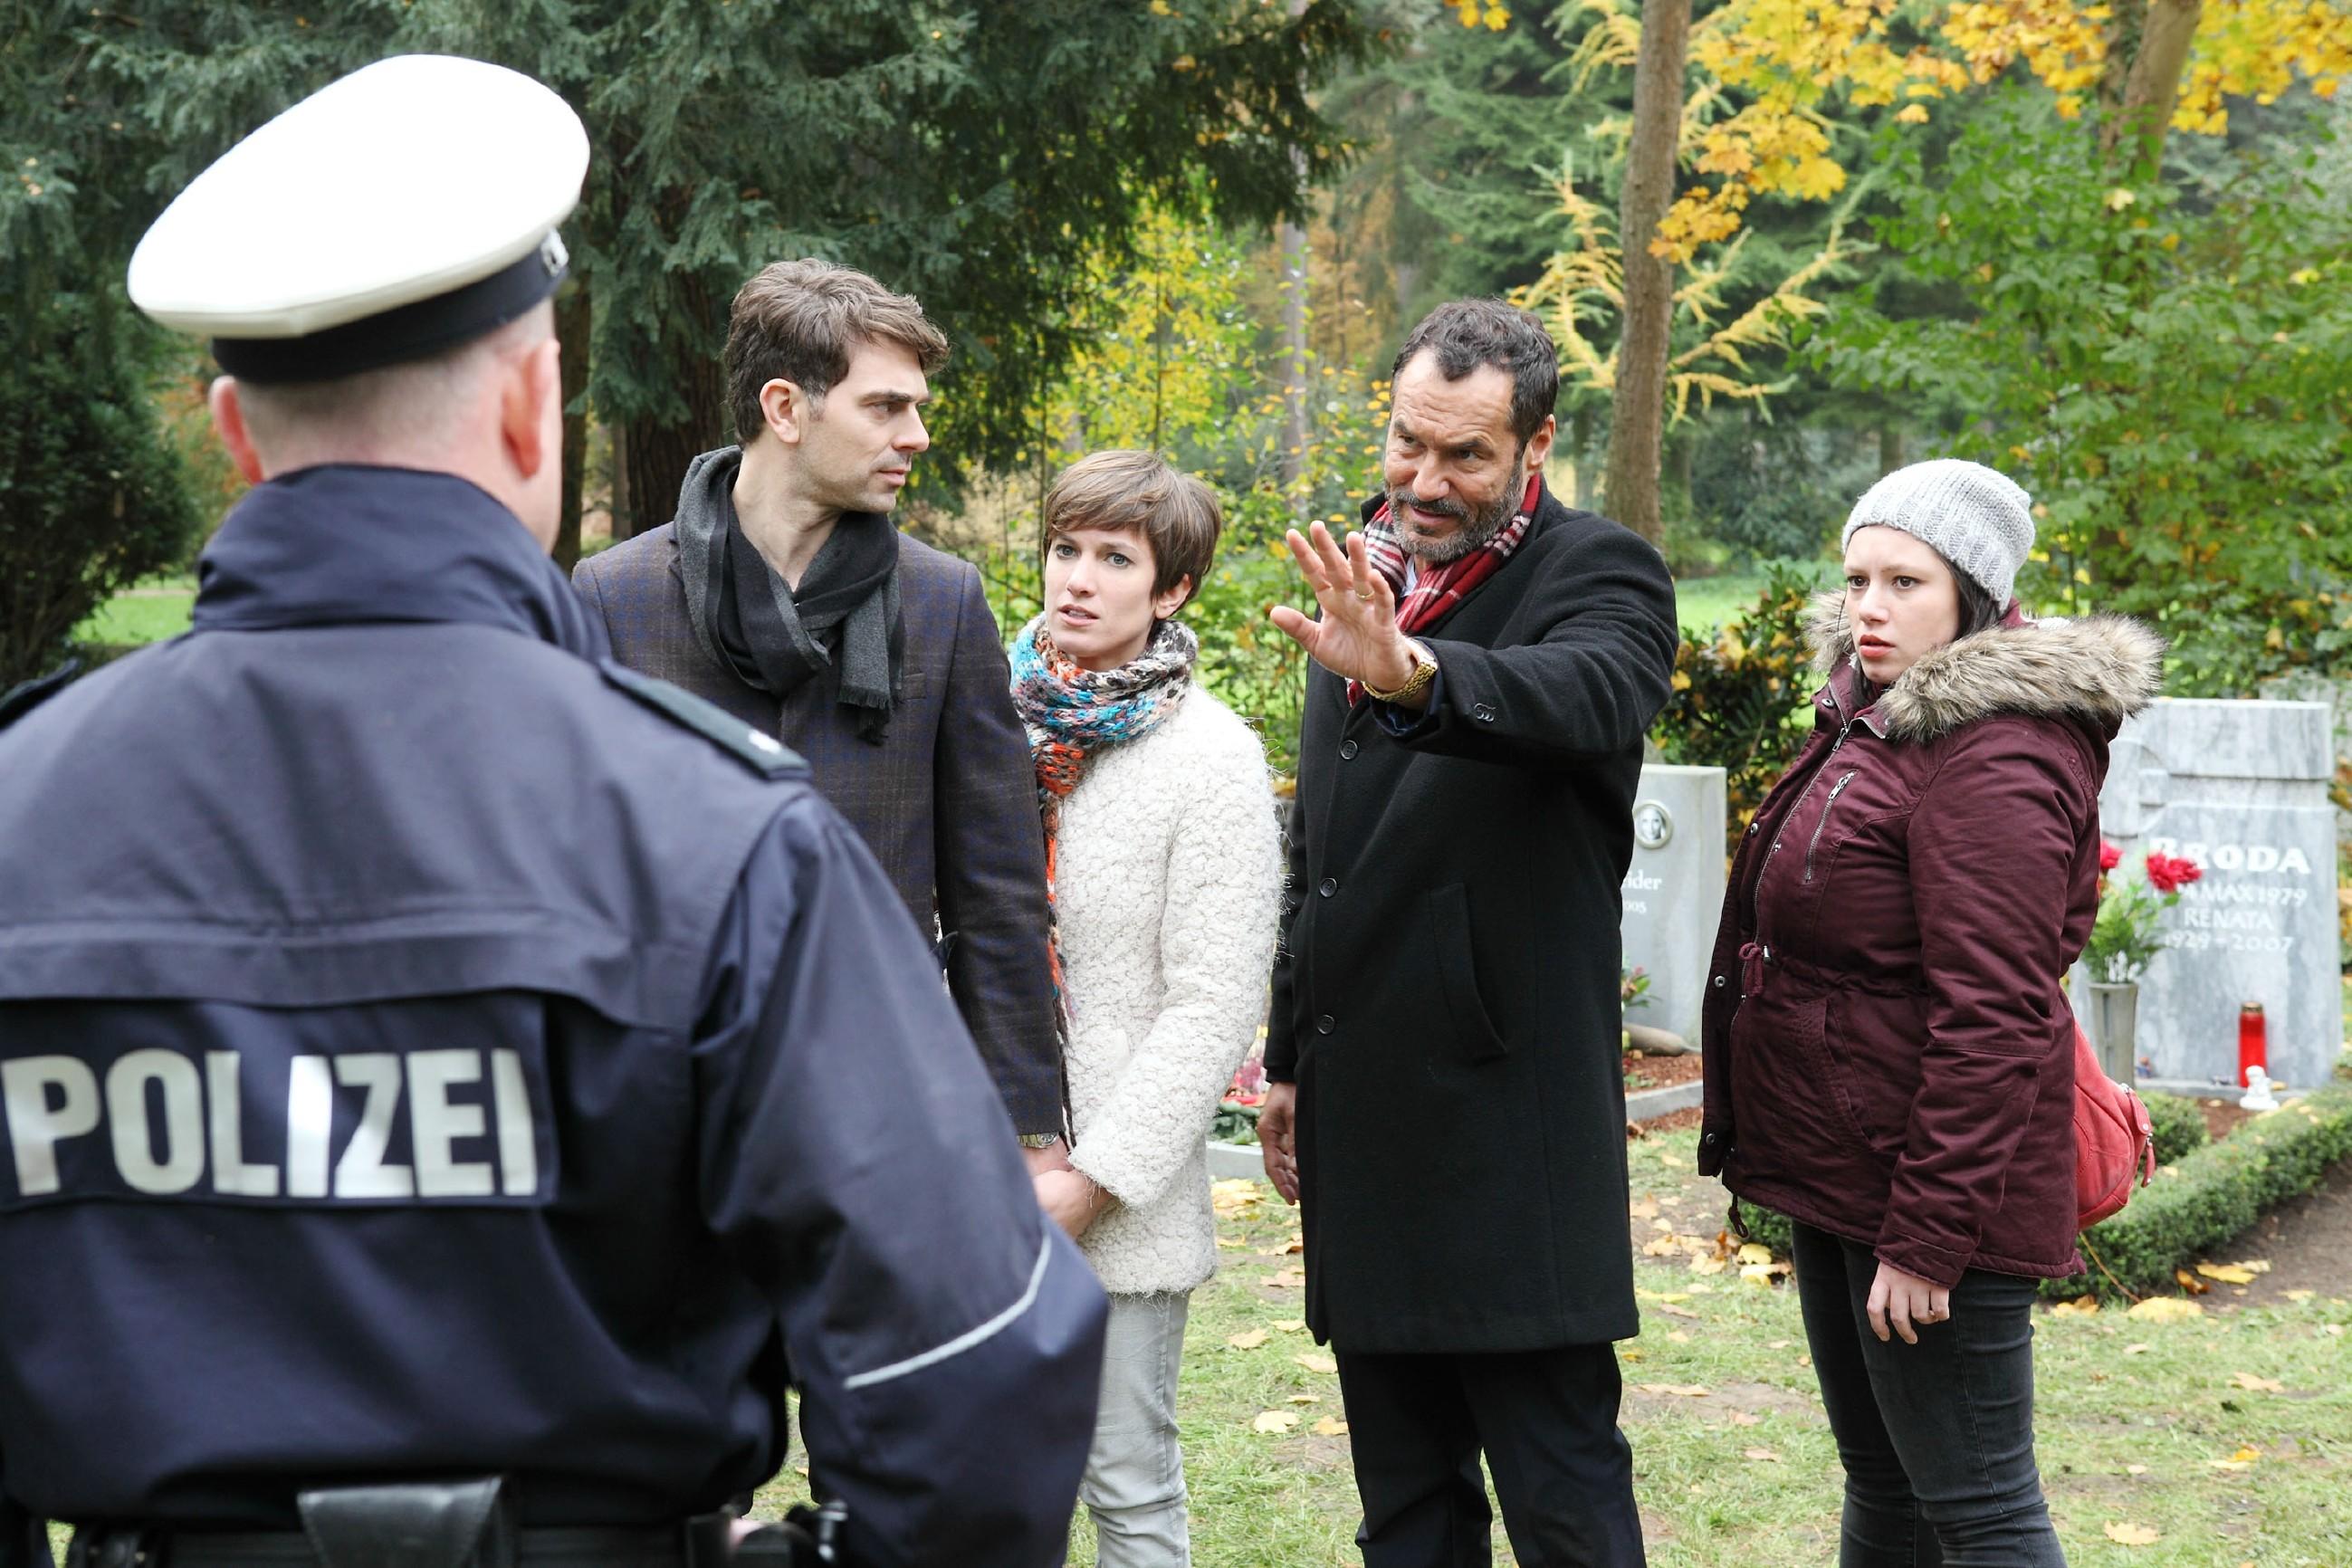 Während Veit (Carsten Clemens, 2.v.l.) und Pia (Isabell Horn, M.) erleichtert sind, dass Richard (Silvan-Pierre Leirich, 2.v.r.) Veit nicht an die Polizei (l. Komparse) ausliefert, stößt er bei Vanessa (Julia Augustin) mit seiner Entscheidung auf wenig Verständnis... (Quelle: RTL / Frank W. Hempel)